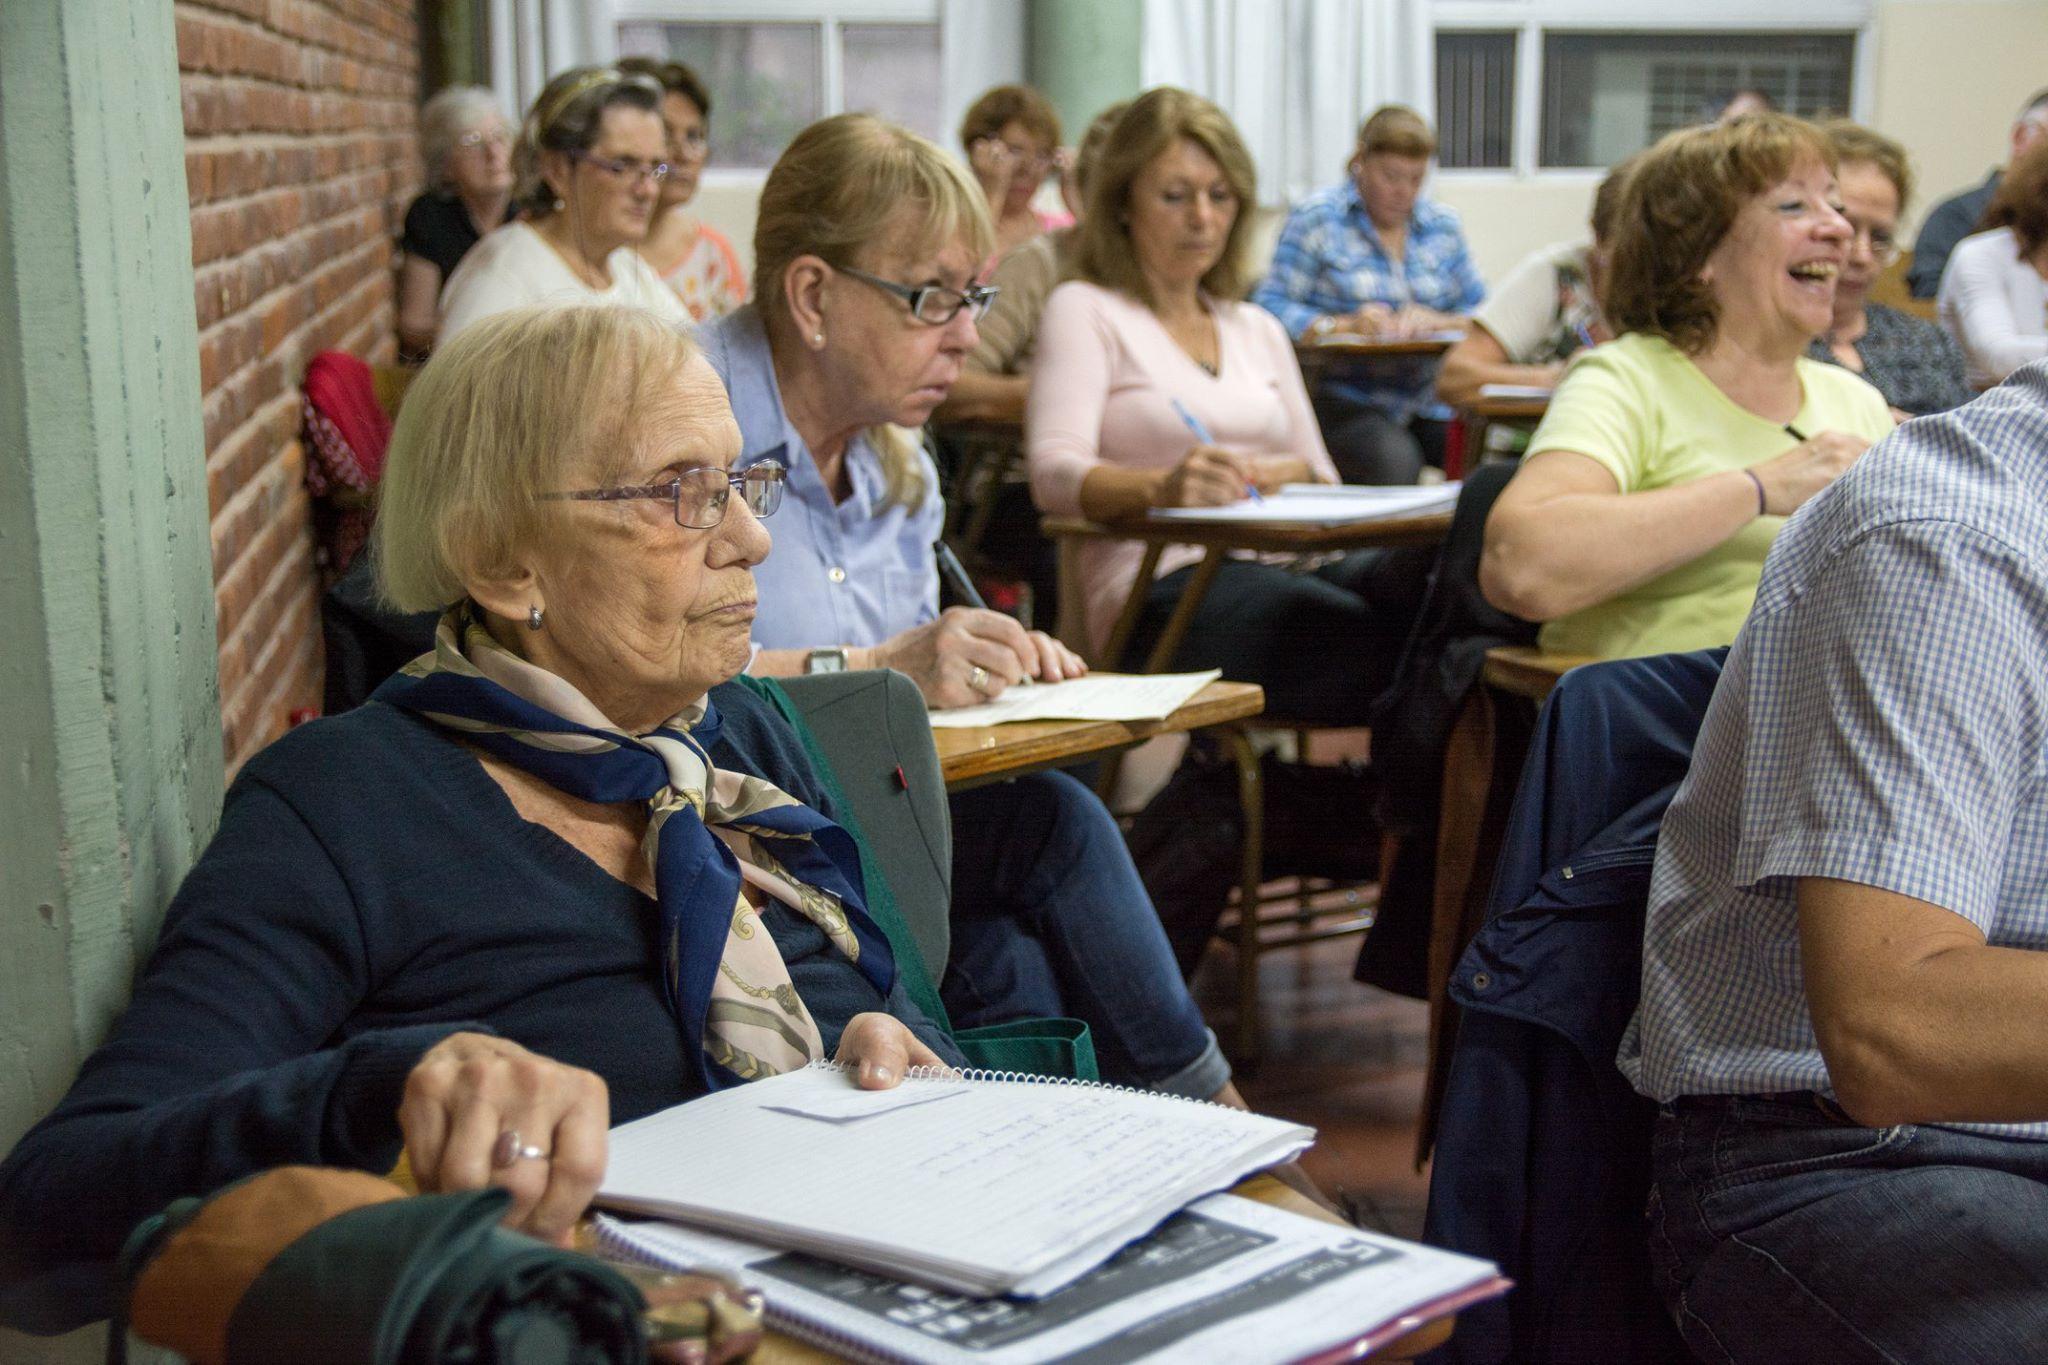 El 30% de las personas con 60 años o más quiere seguir estudiando pero sólo un tercio logra hacerlo